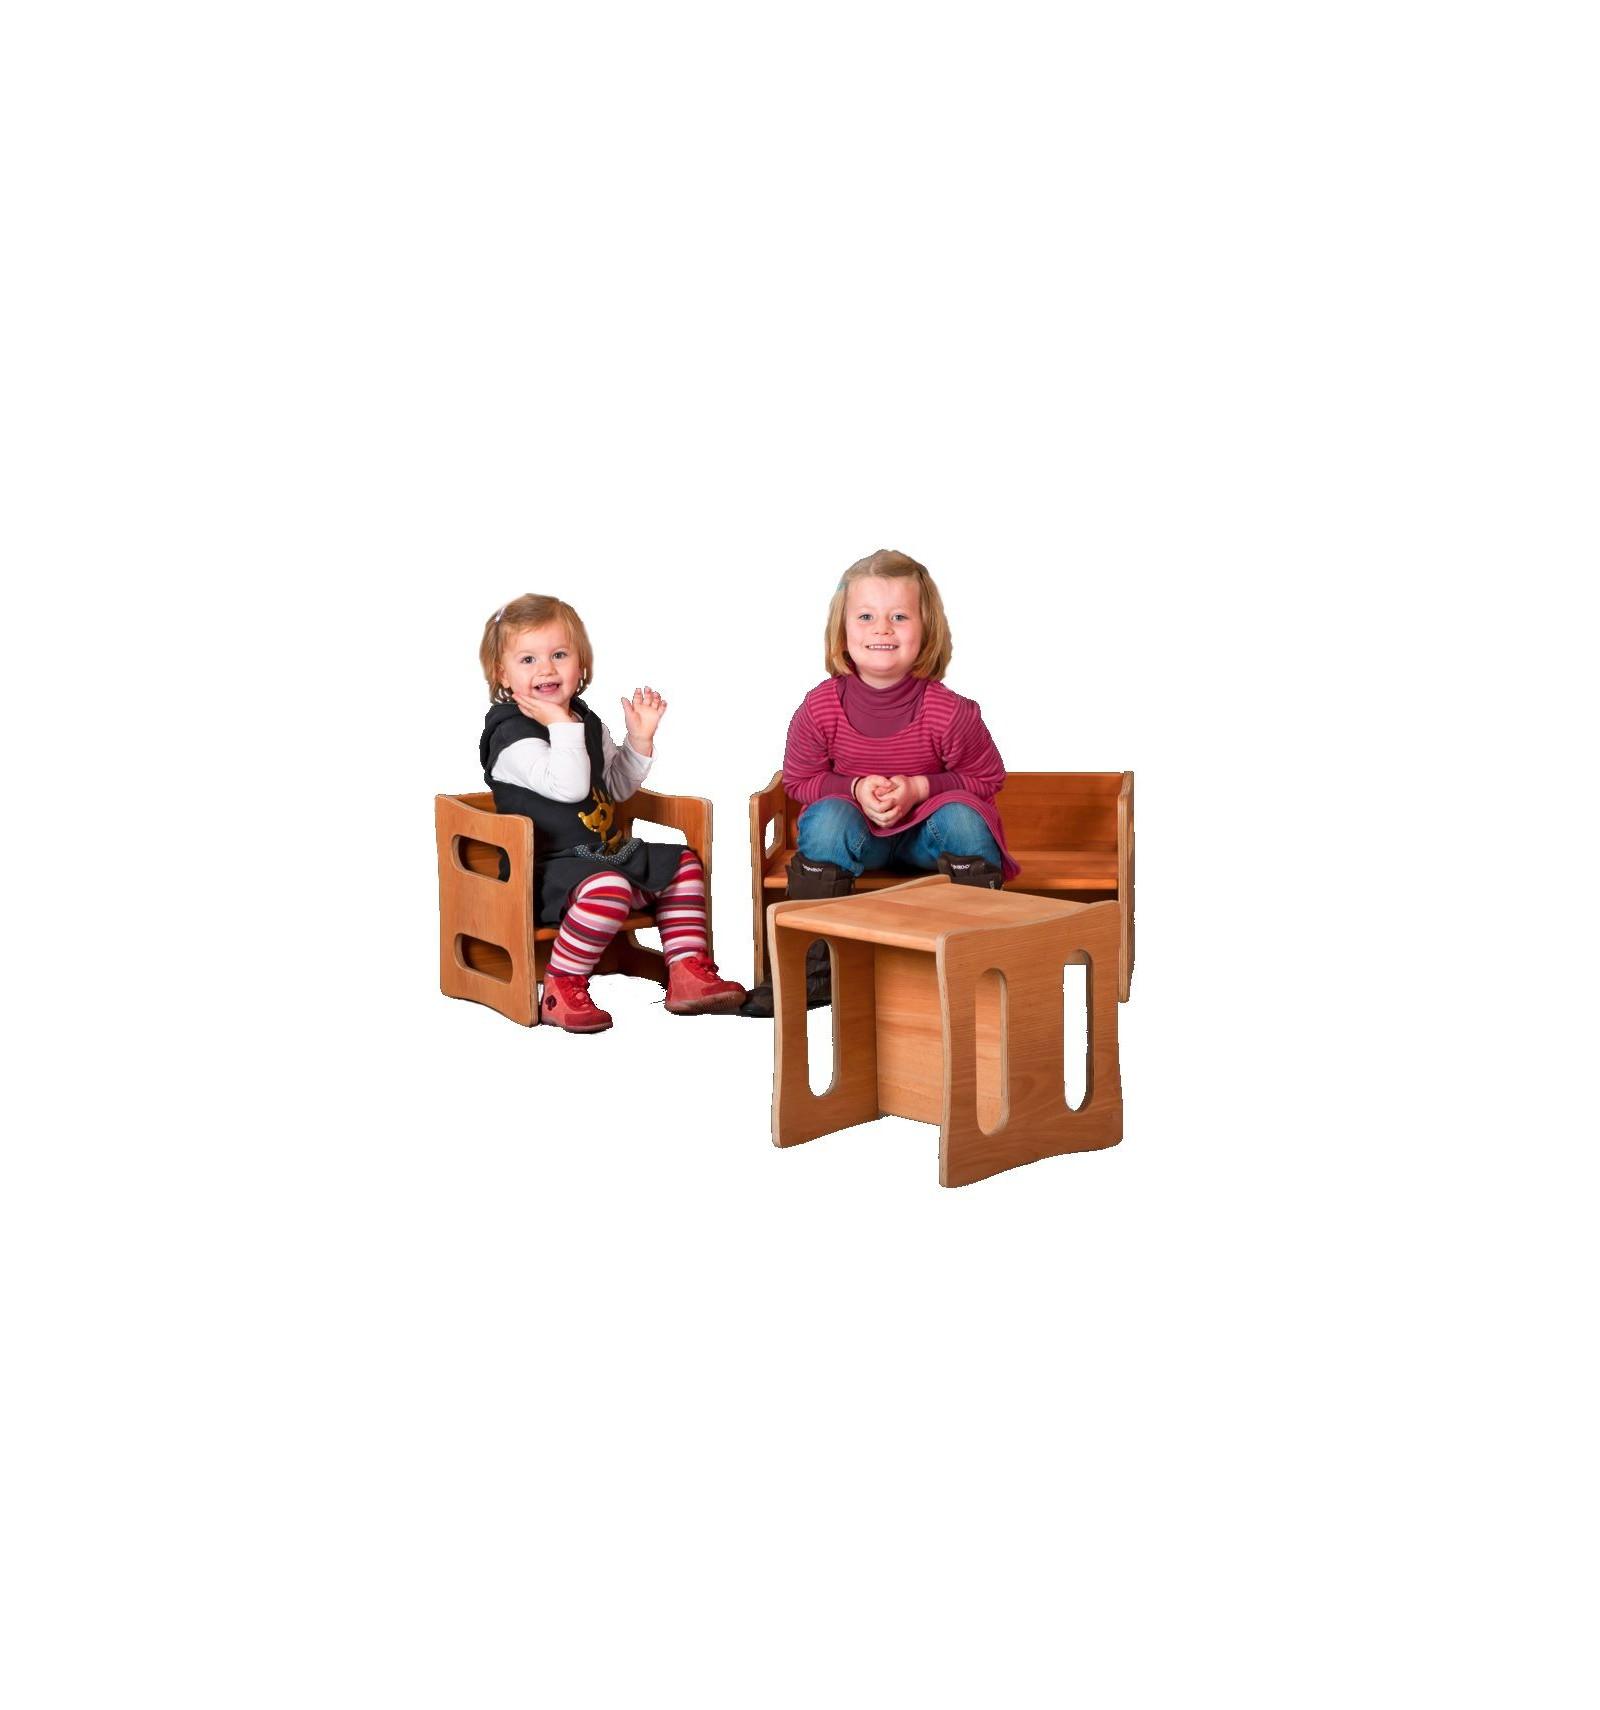 Kinderstuhl aus Buche - mitwachsend